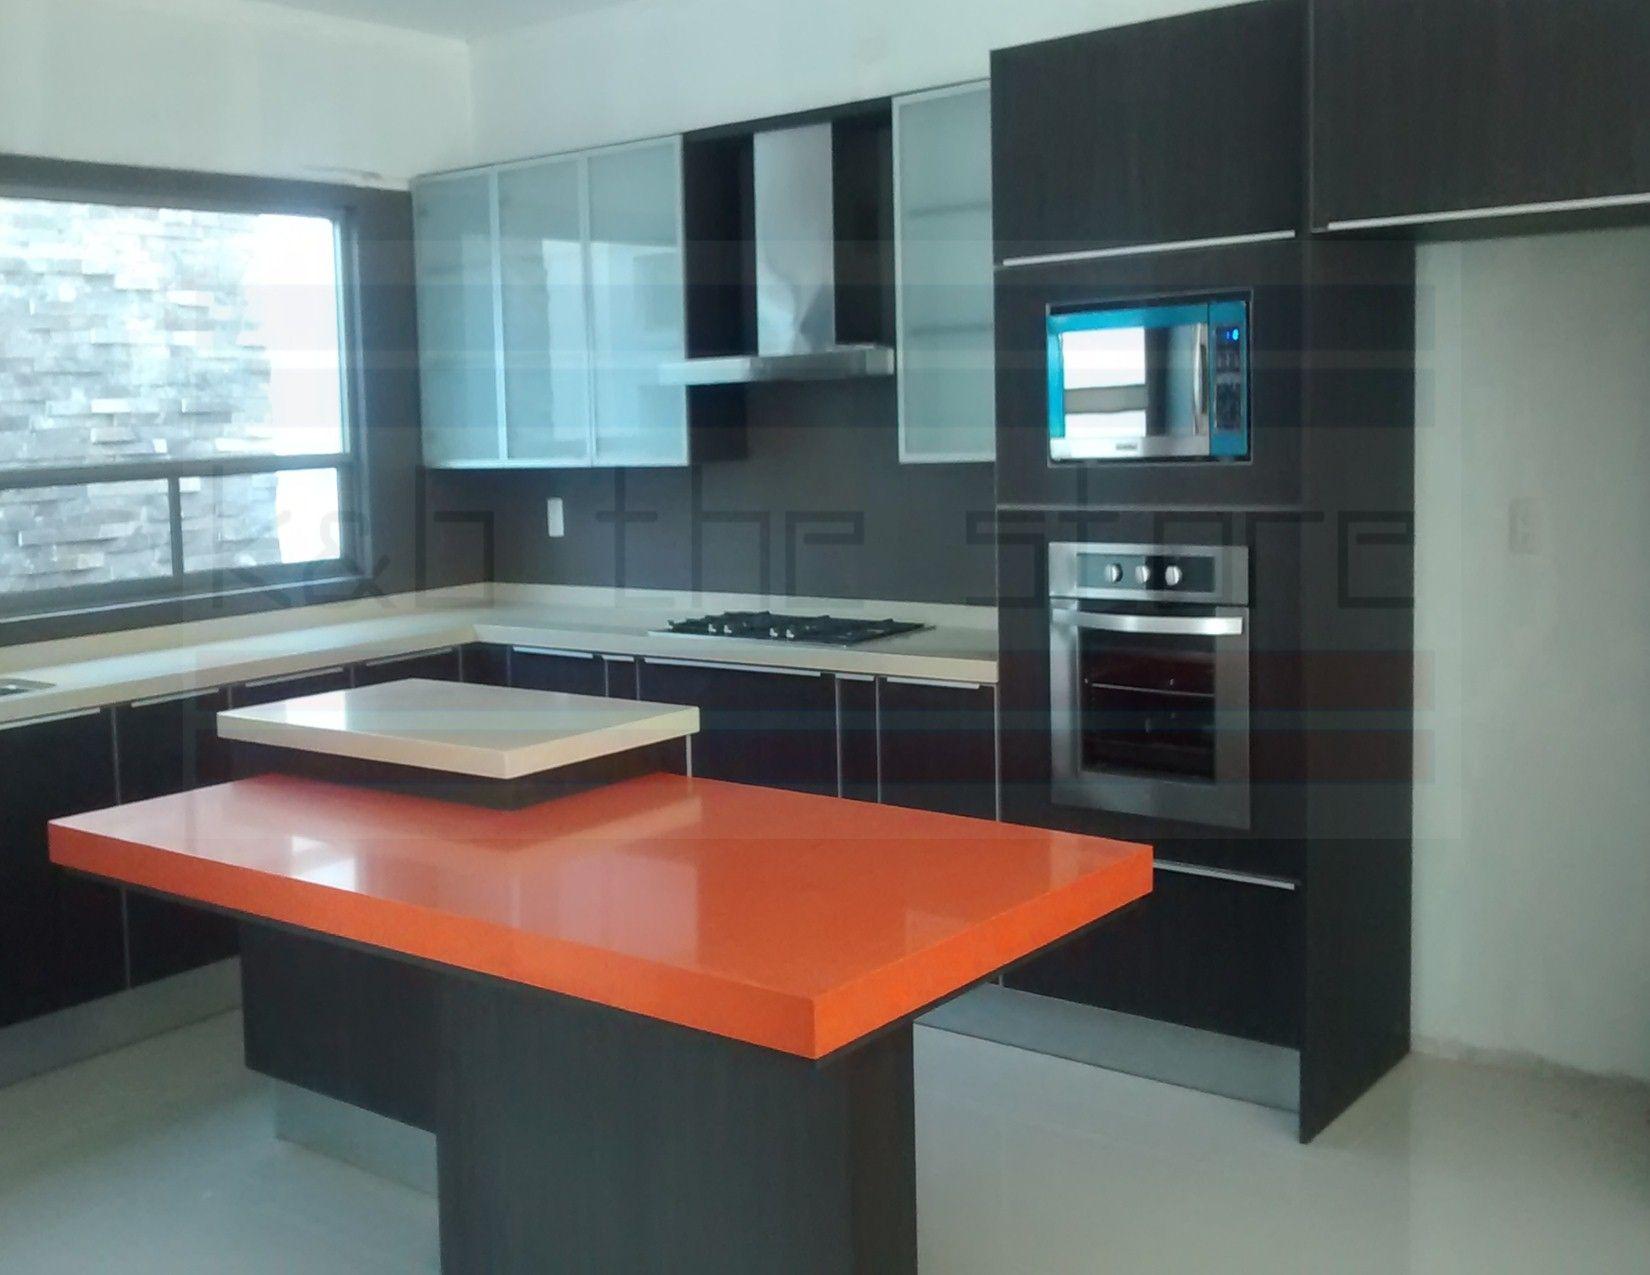 Cocina En Acabados Texturizados Gabineteria Superior En Cristal  # Muebles Texturizados